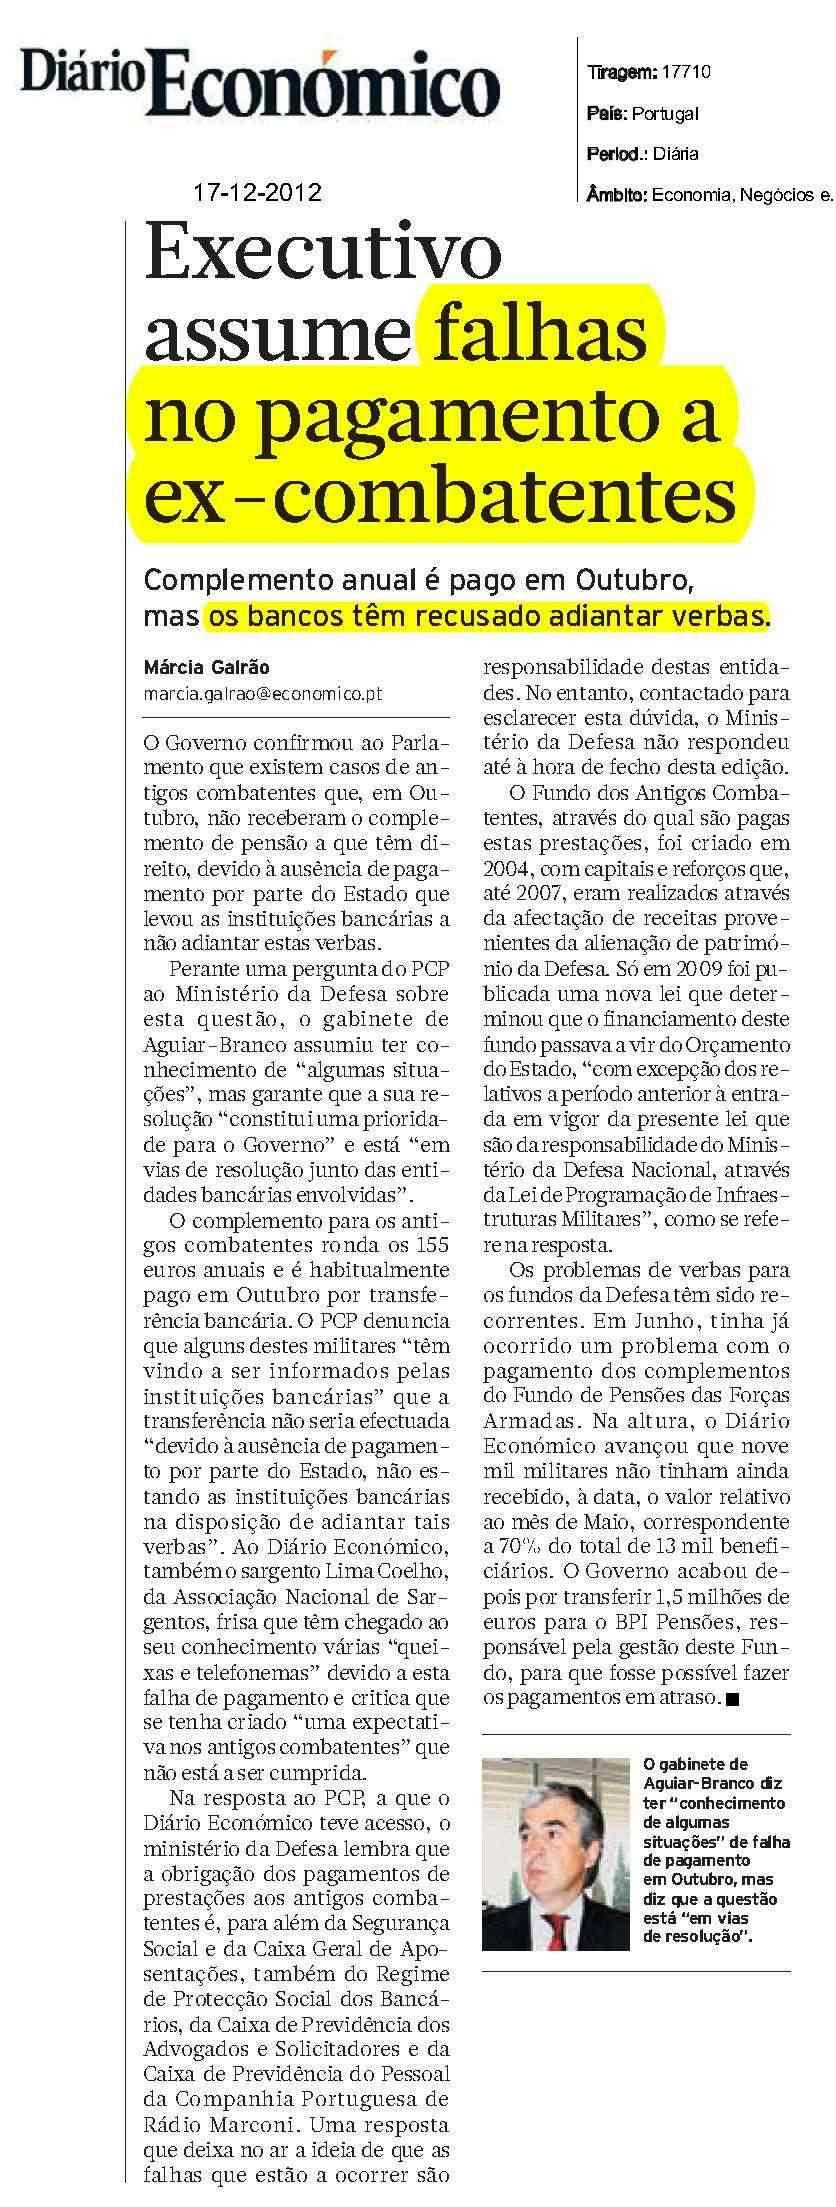 """«Executivo assume falhas no pagamento a ex-combatentes», in """"Diário Económico"""", de 17Dez2012 Pagame10"""